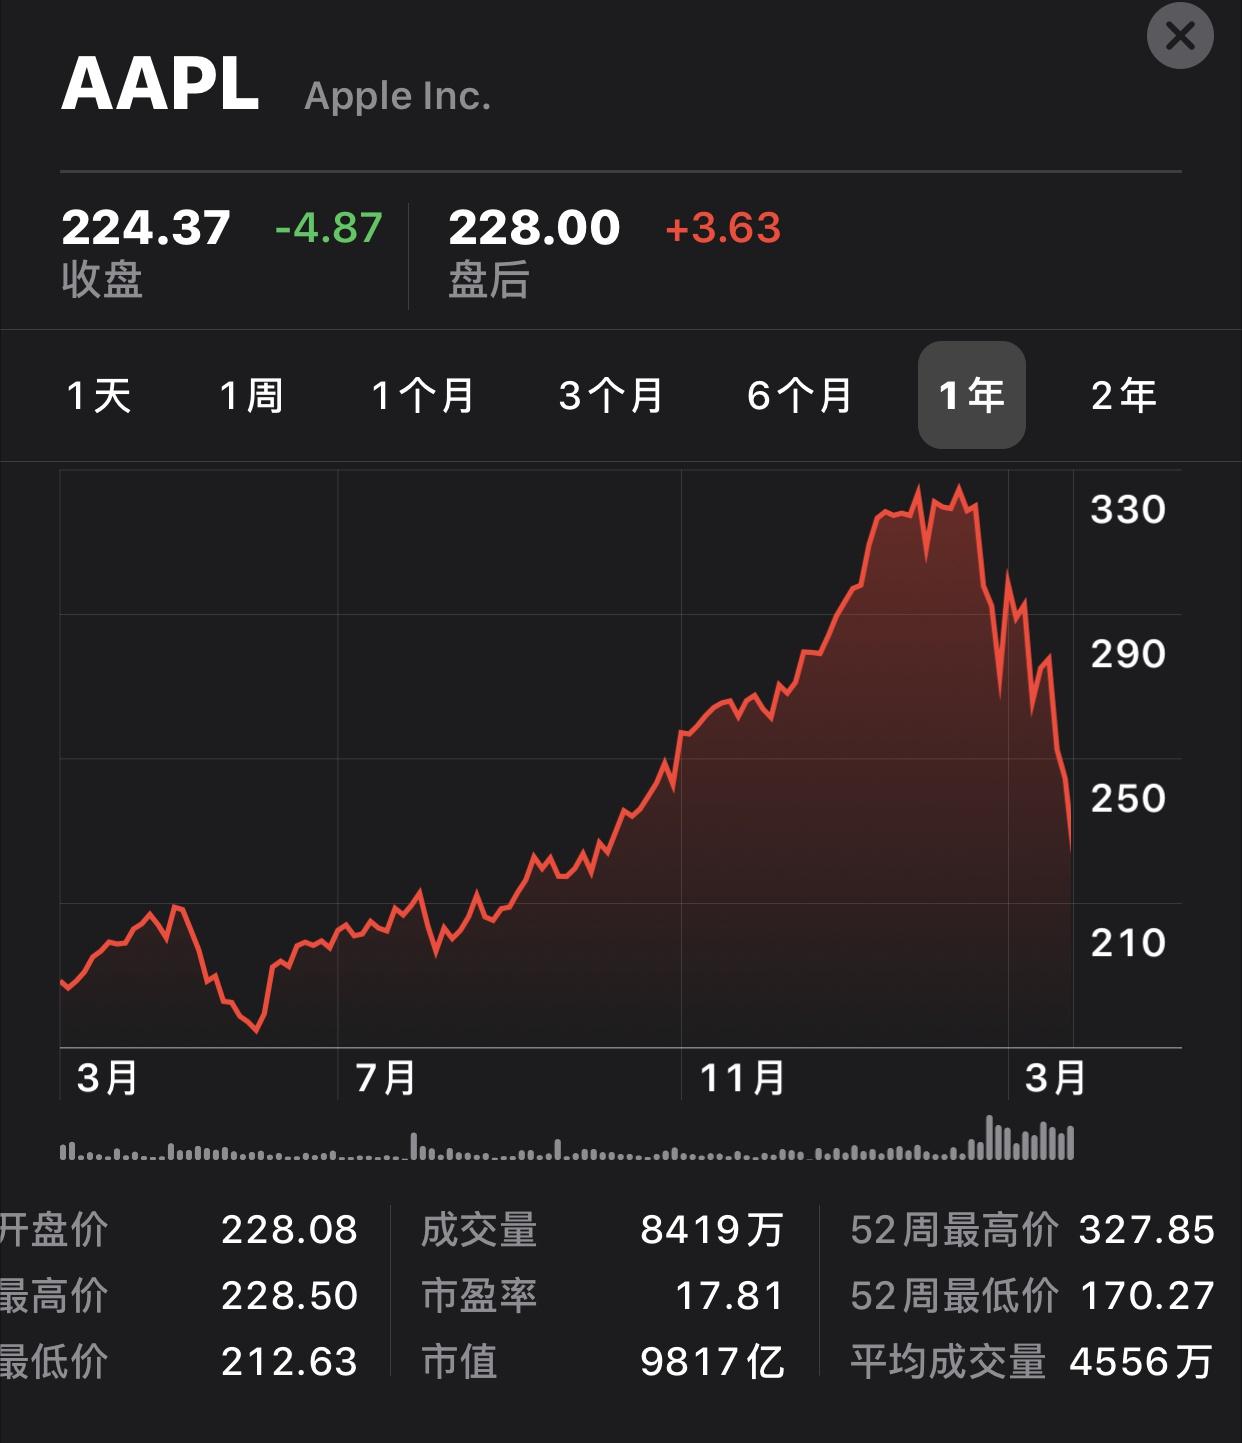 苹果市值跌破万亿美元【图】